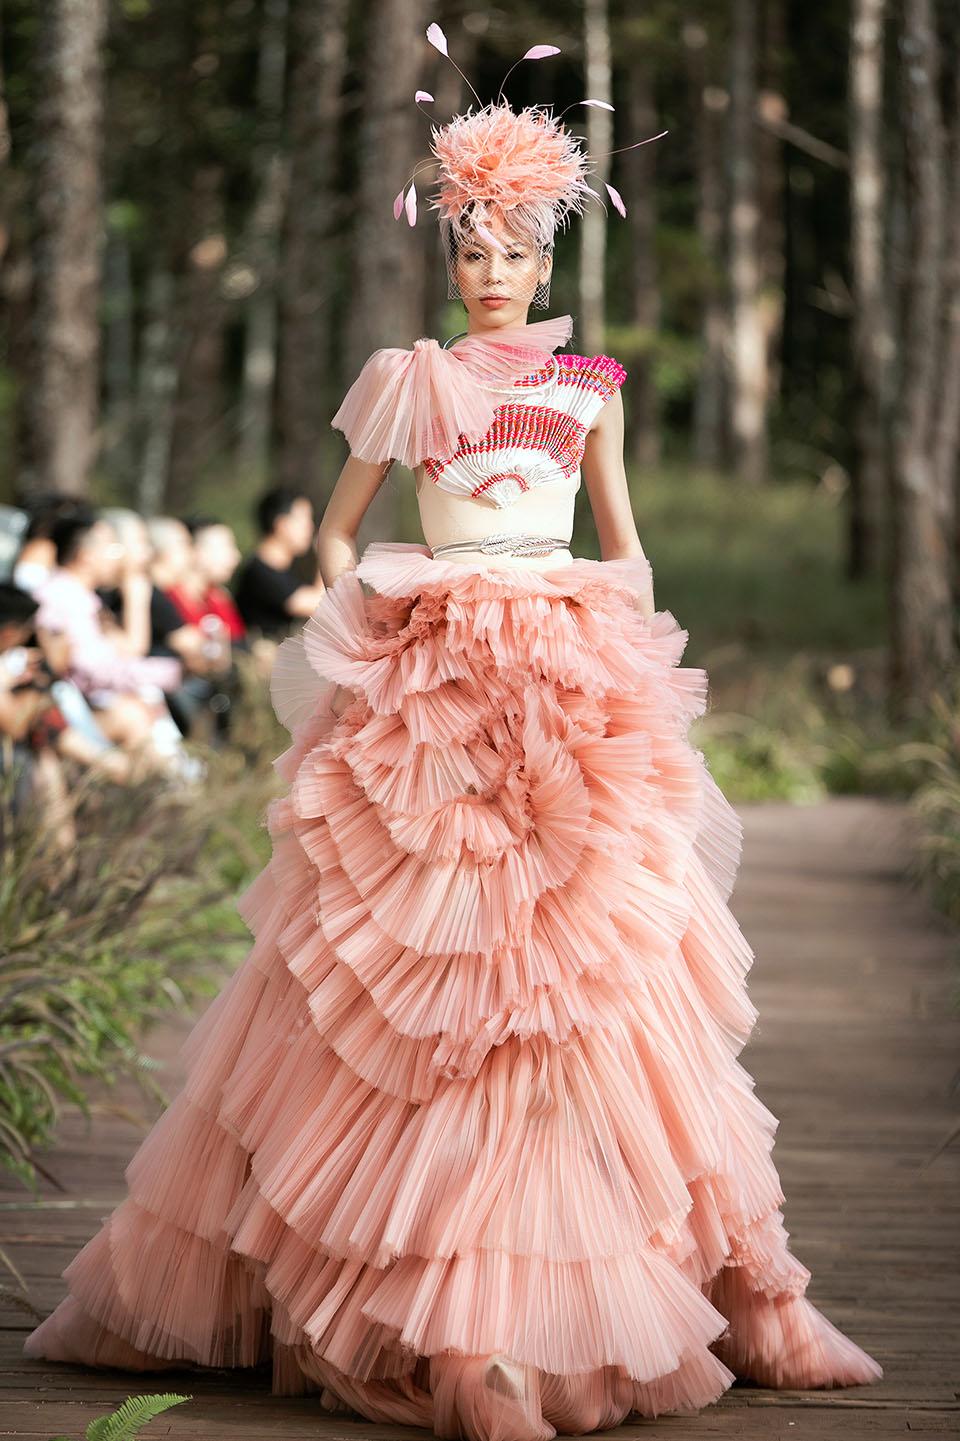 Hoàng Thuỳ làm vedette cho Lý Quí Khánh trong show diễn giữa rừng - 14